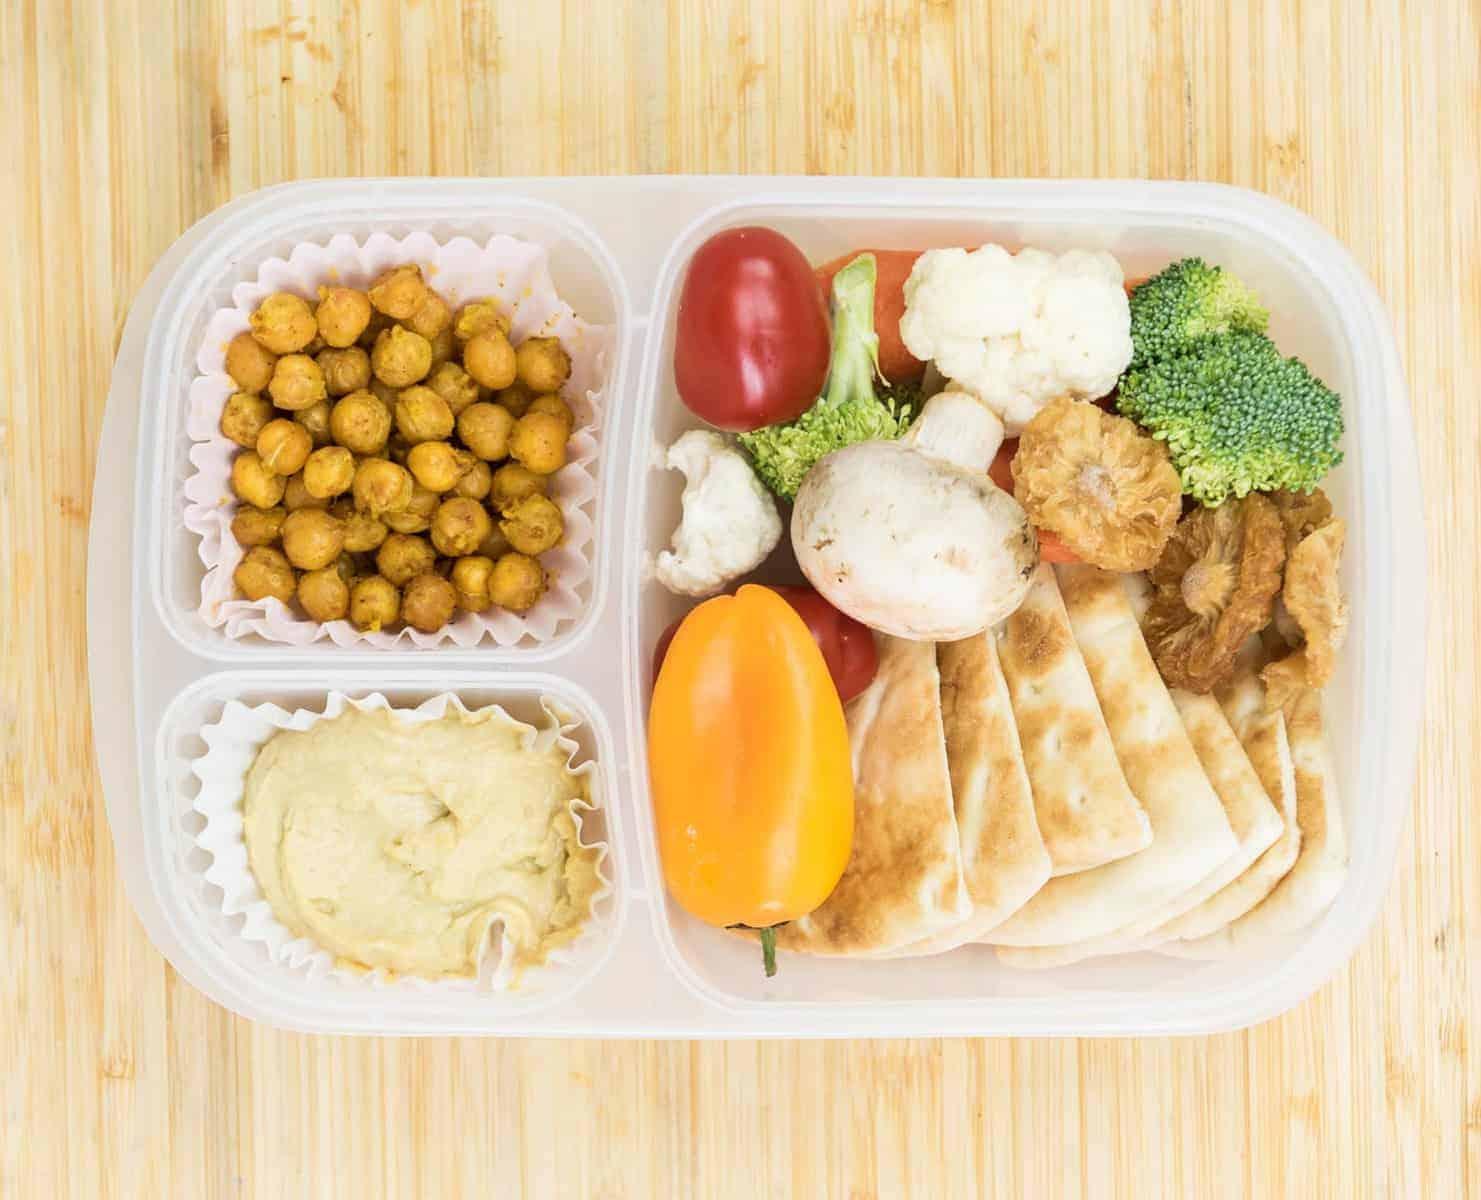 Lunch Box Ideas - Hummus Lunch Box